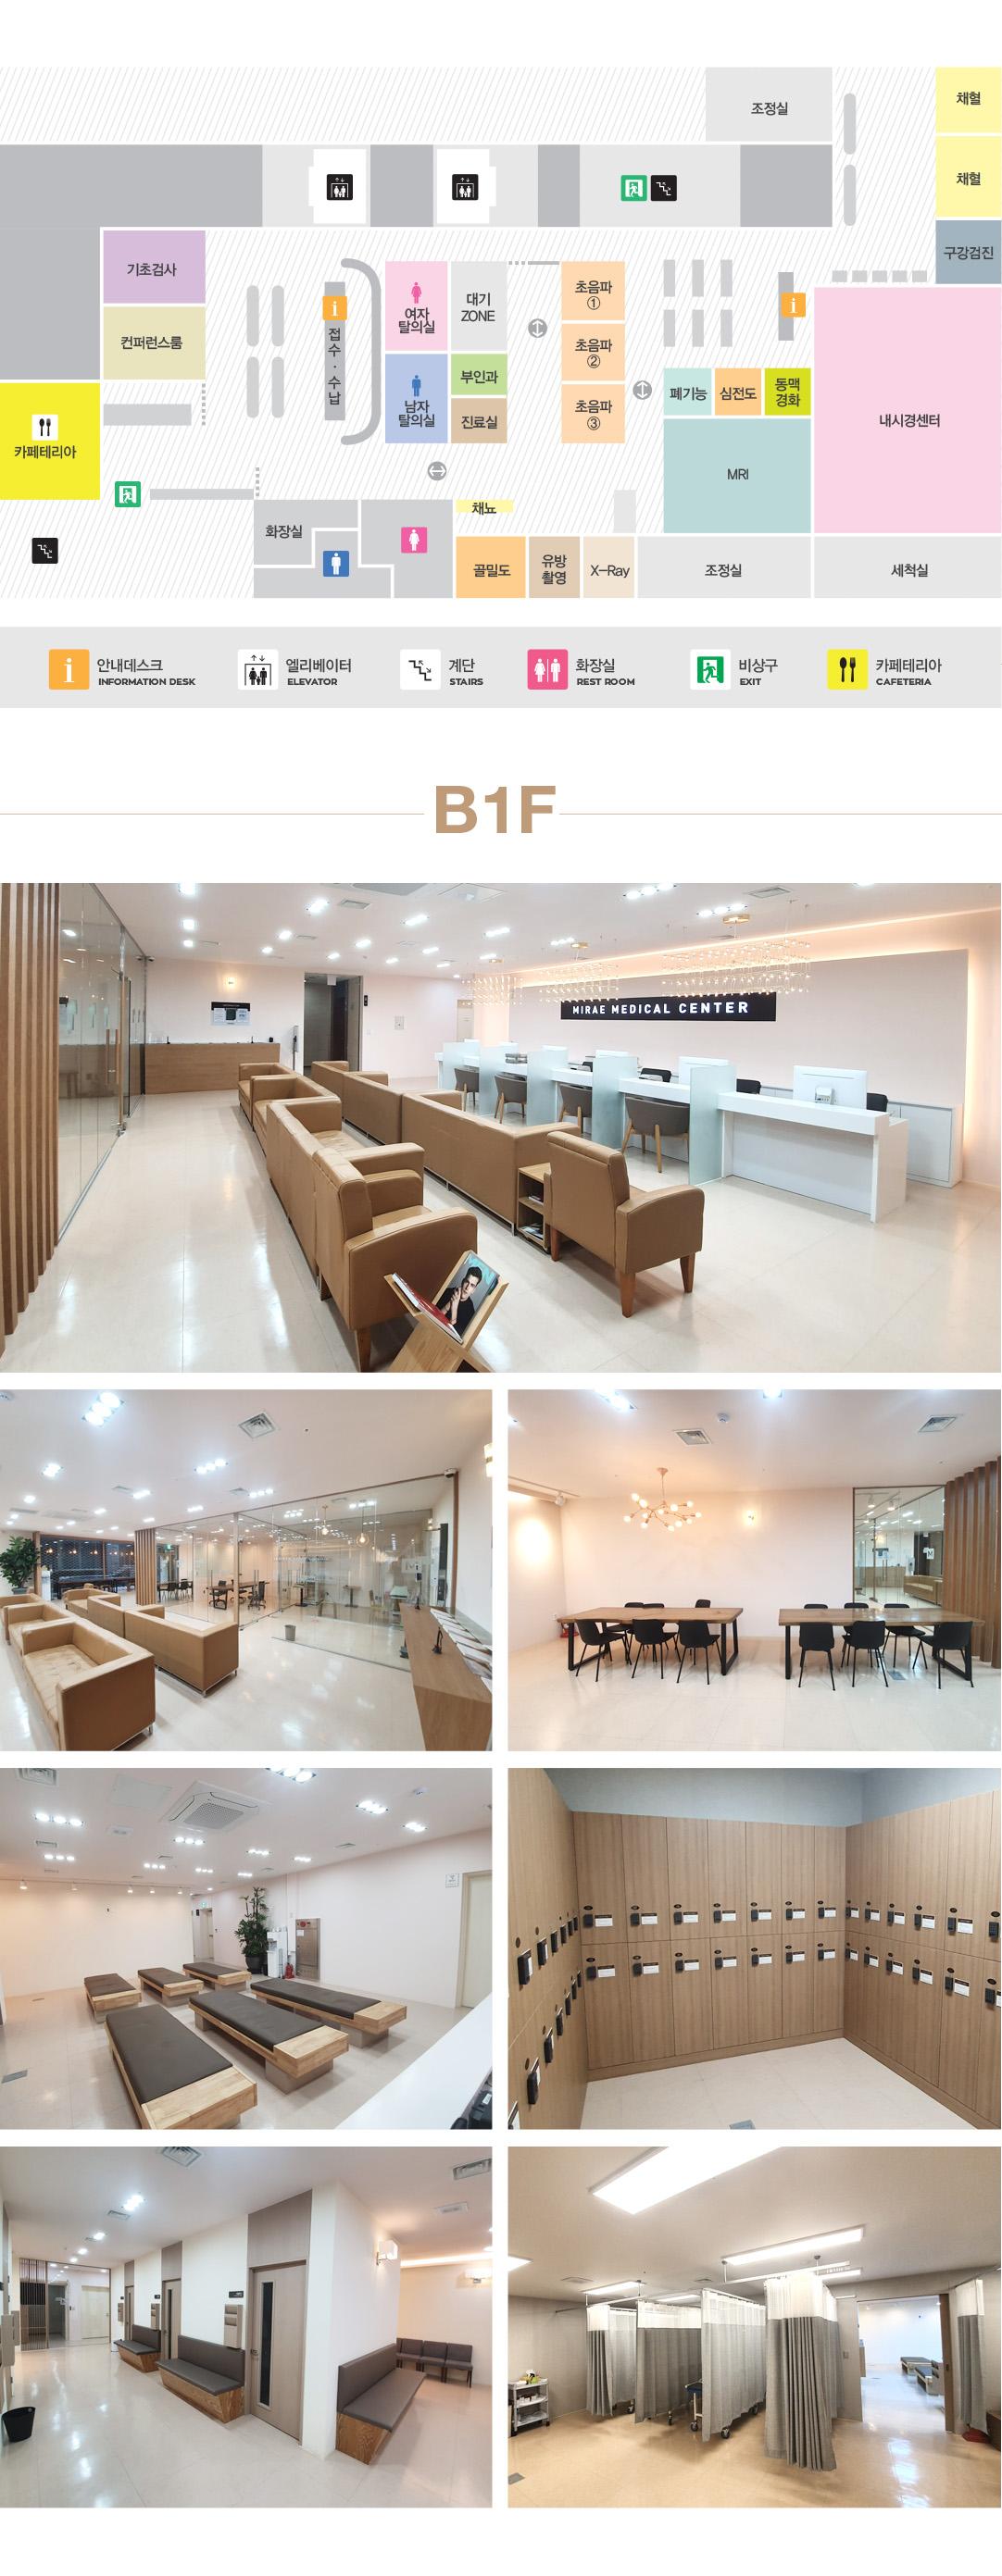 B1FFF2